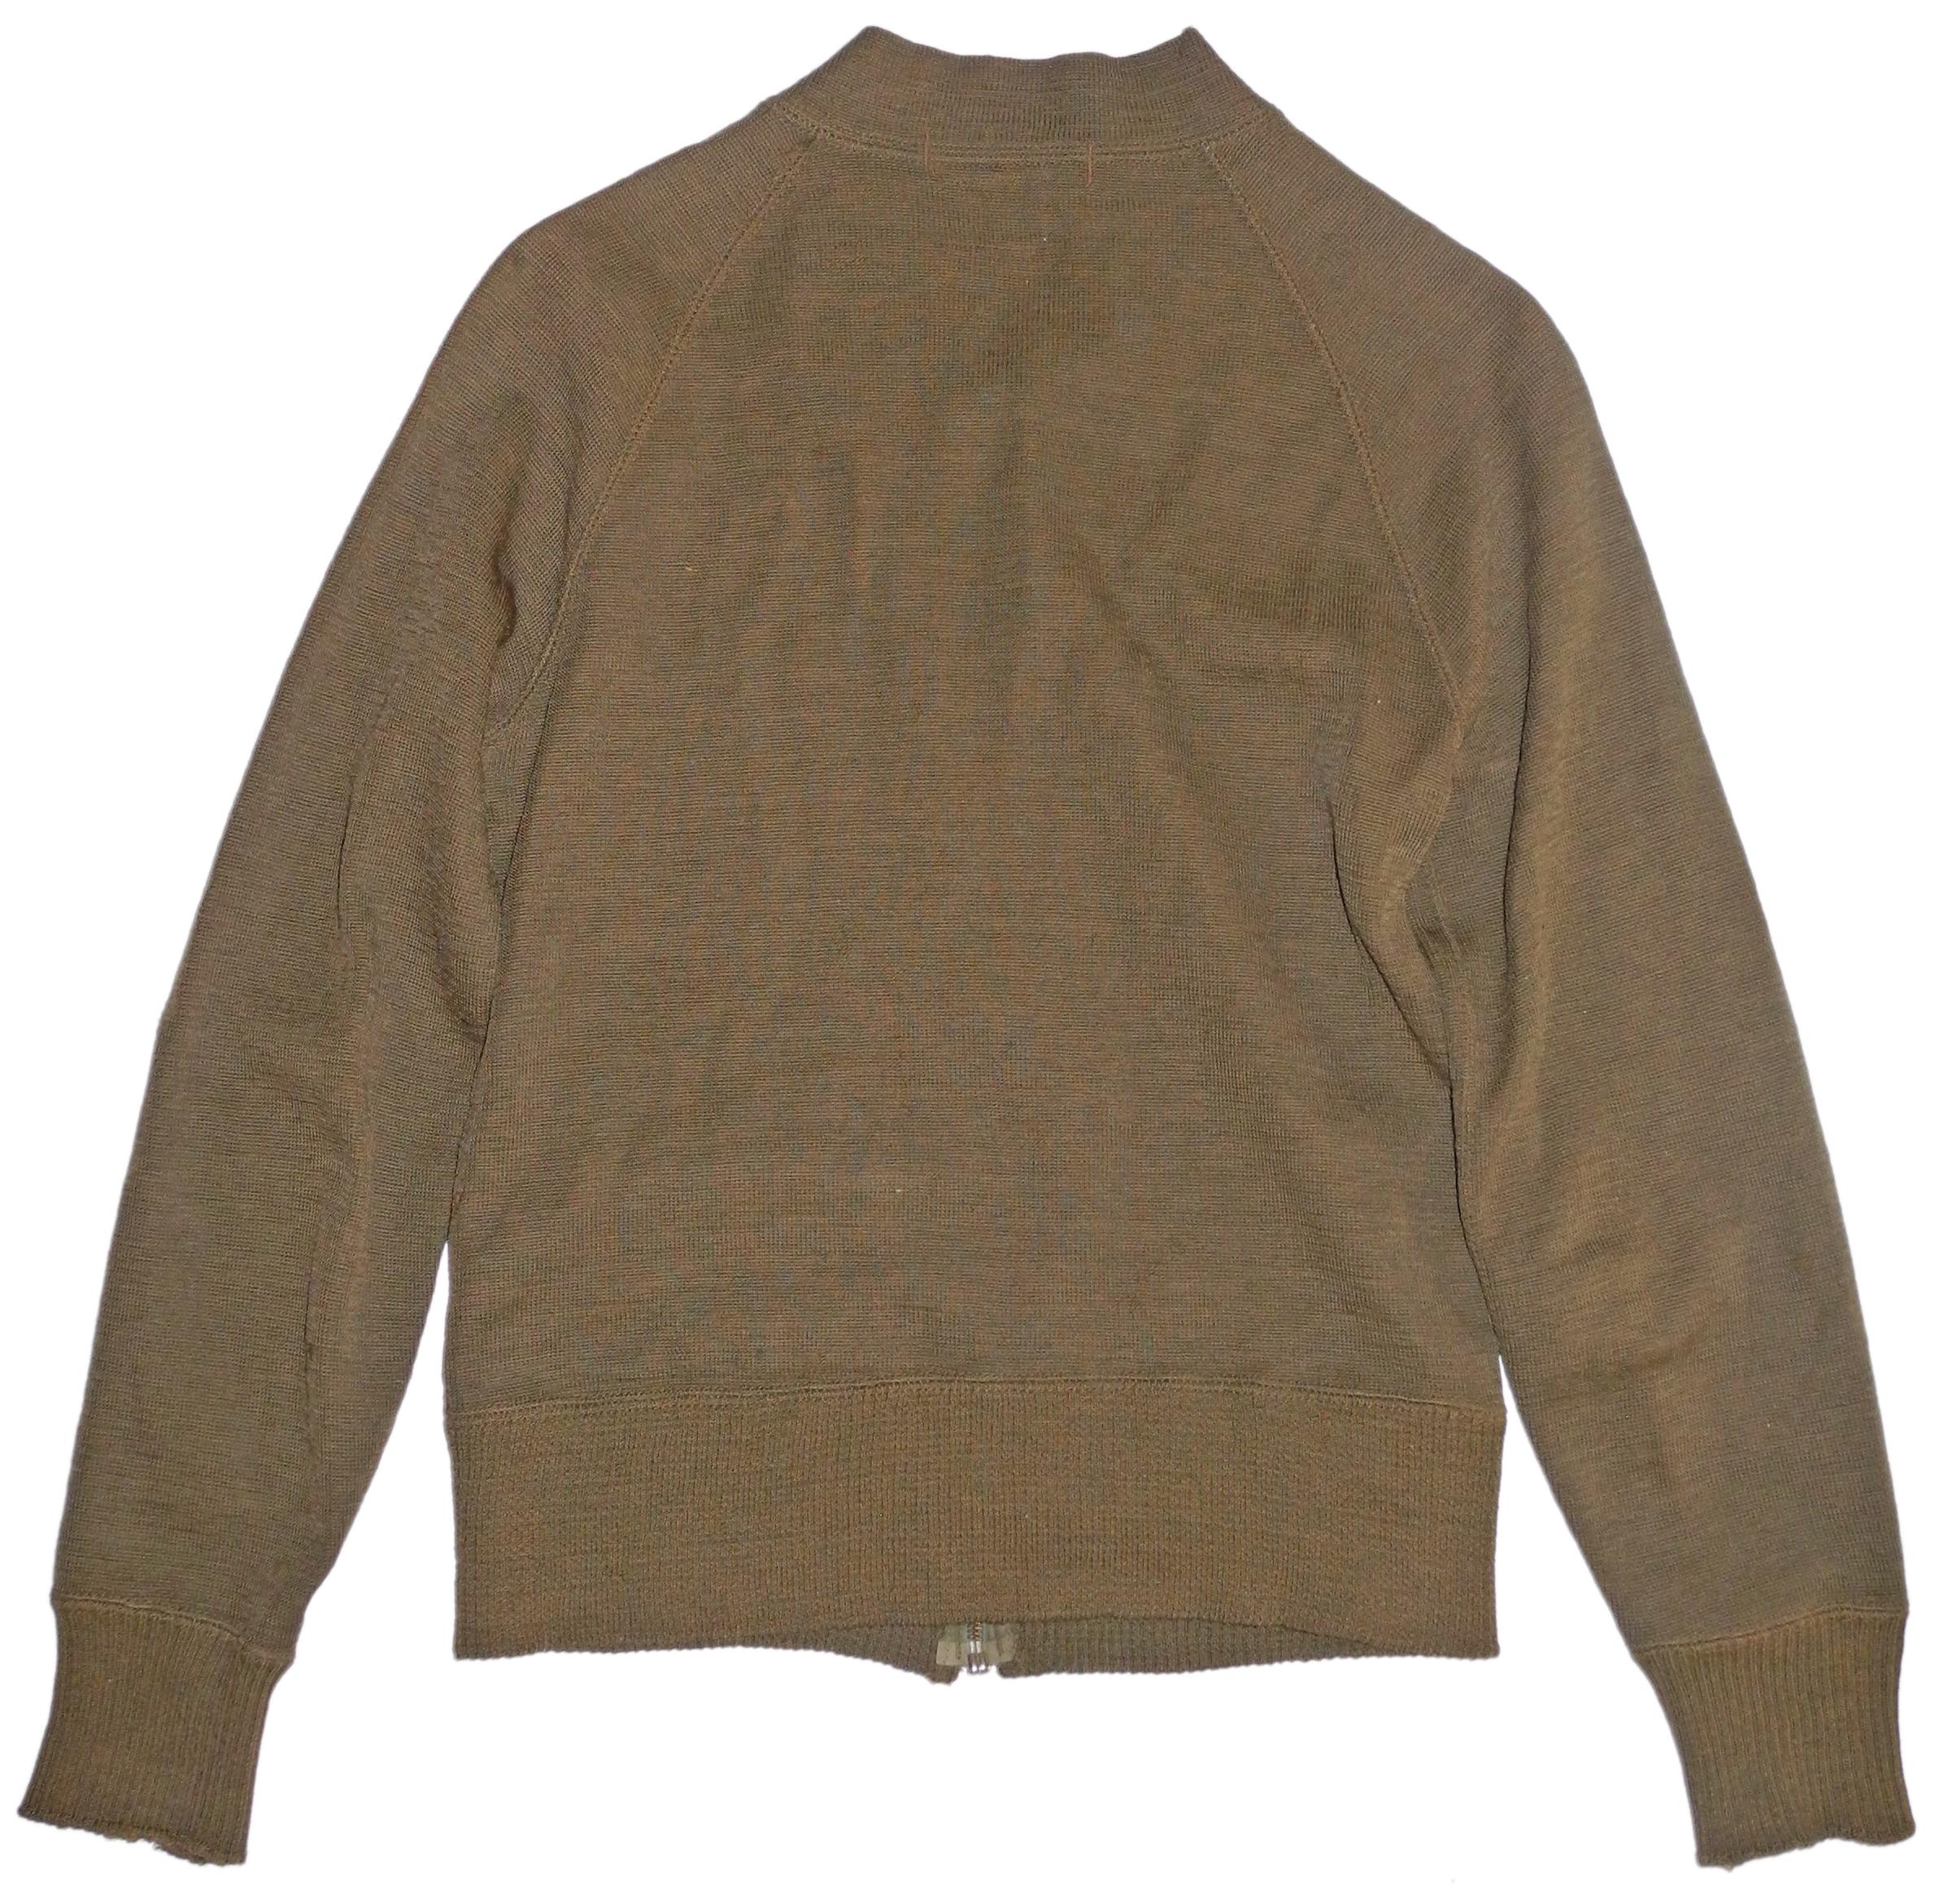 AAF C-2 sweater